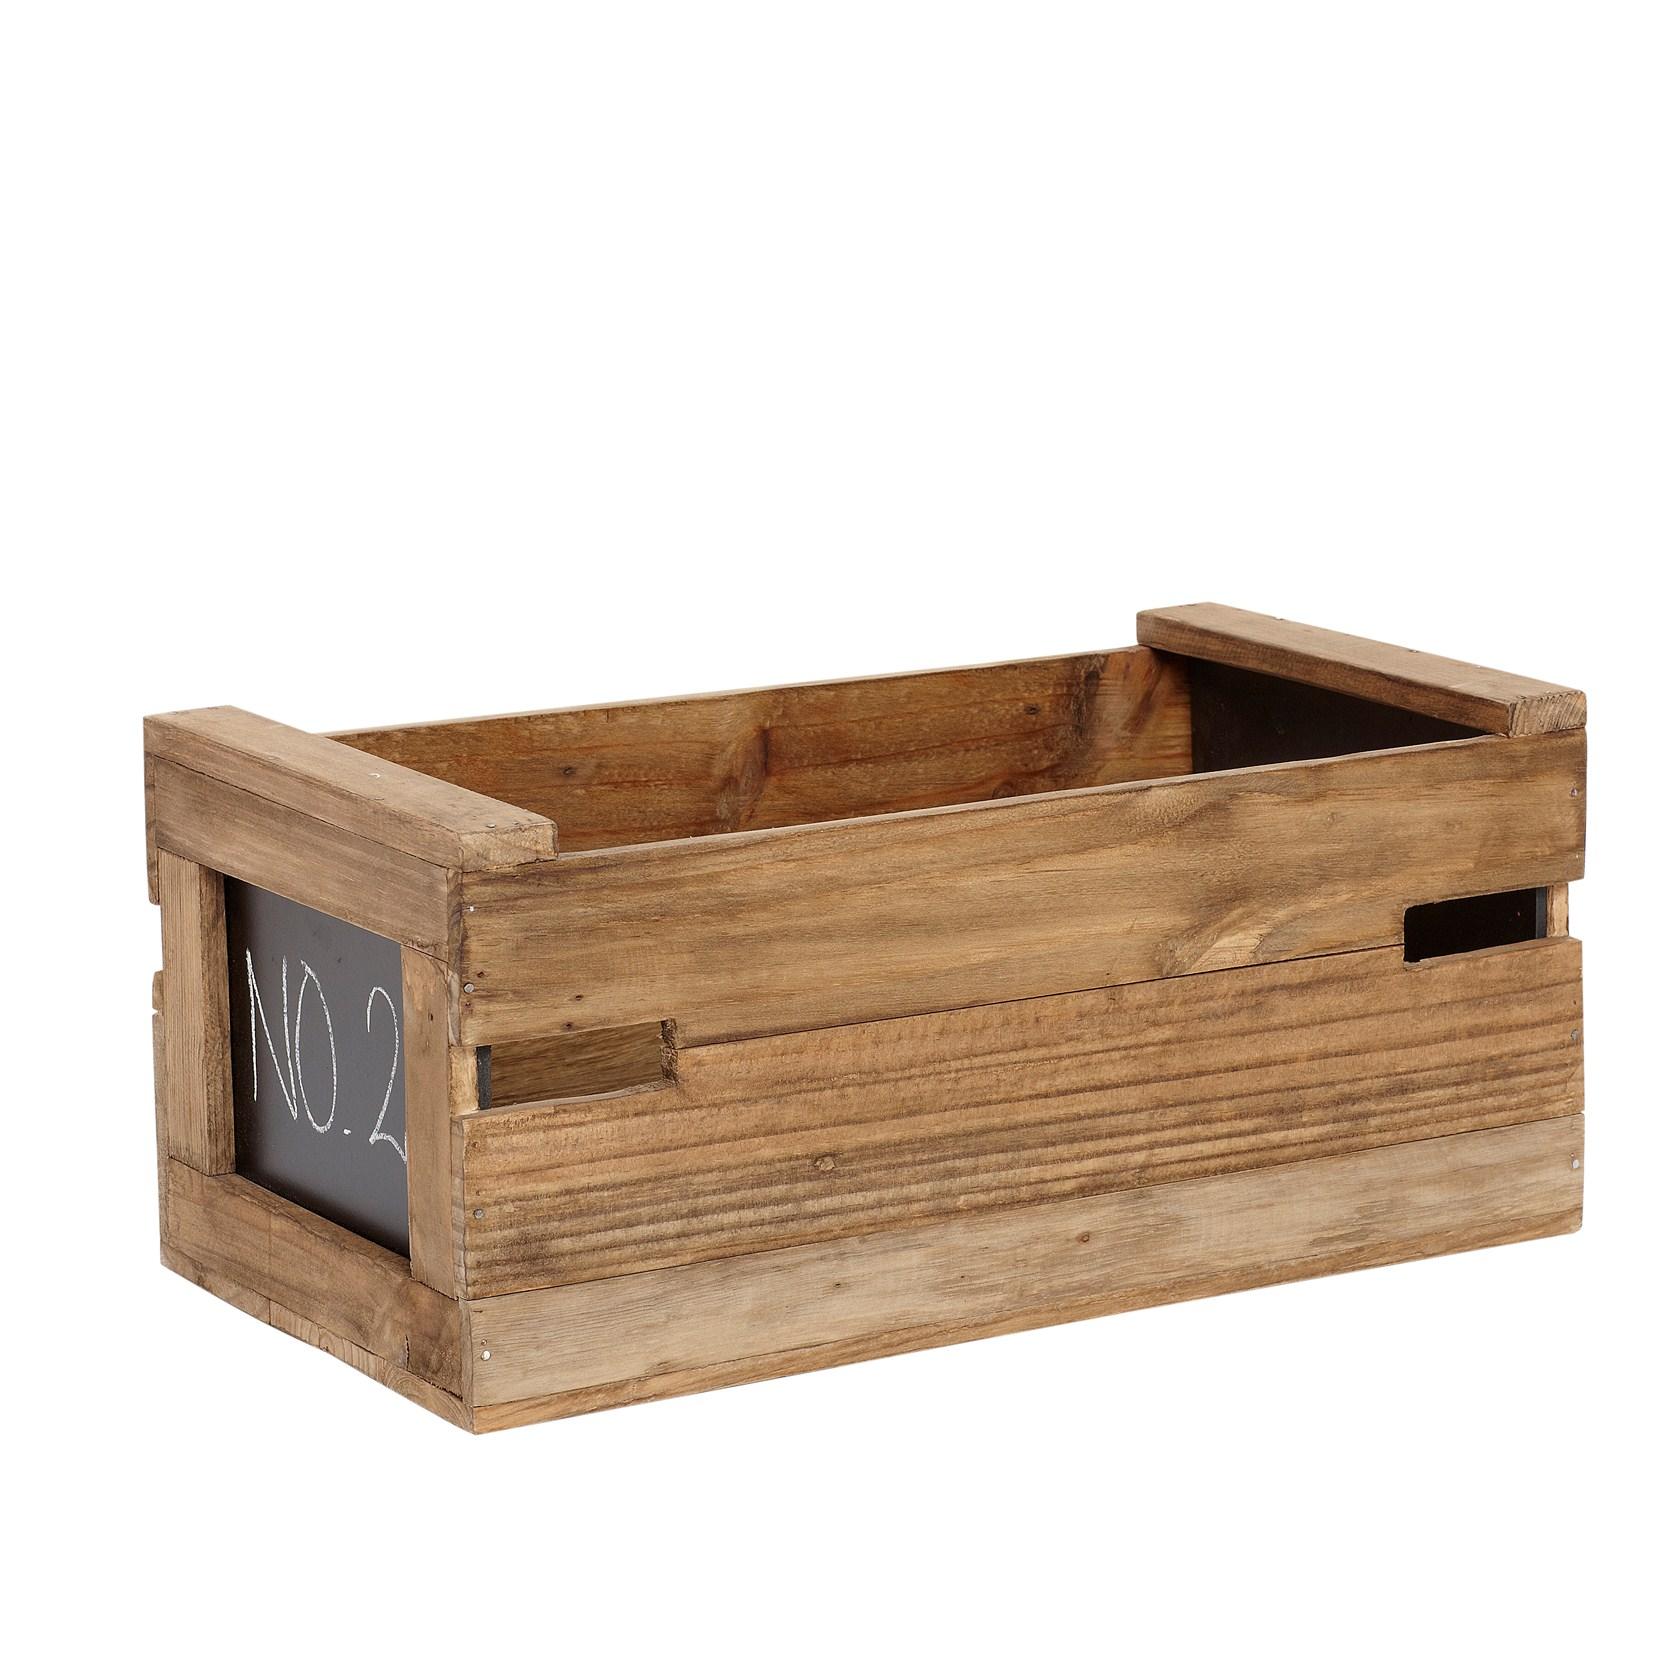 Ящик с окошком для мелаЯщики<br><br><br>Material: Дерево<br>Width см: 26<br>Depth см: 21<br>Height см: 512